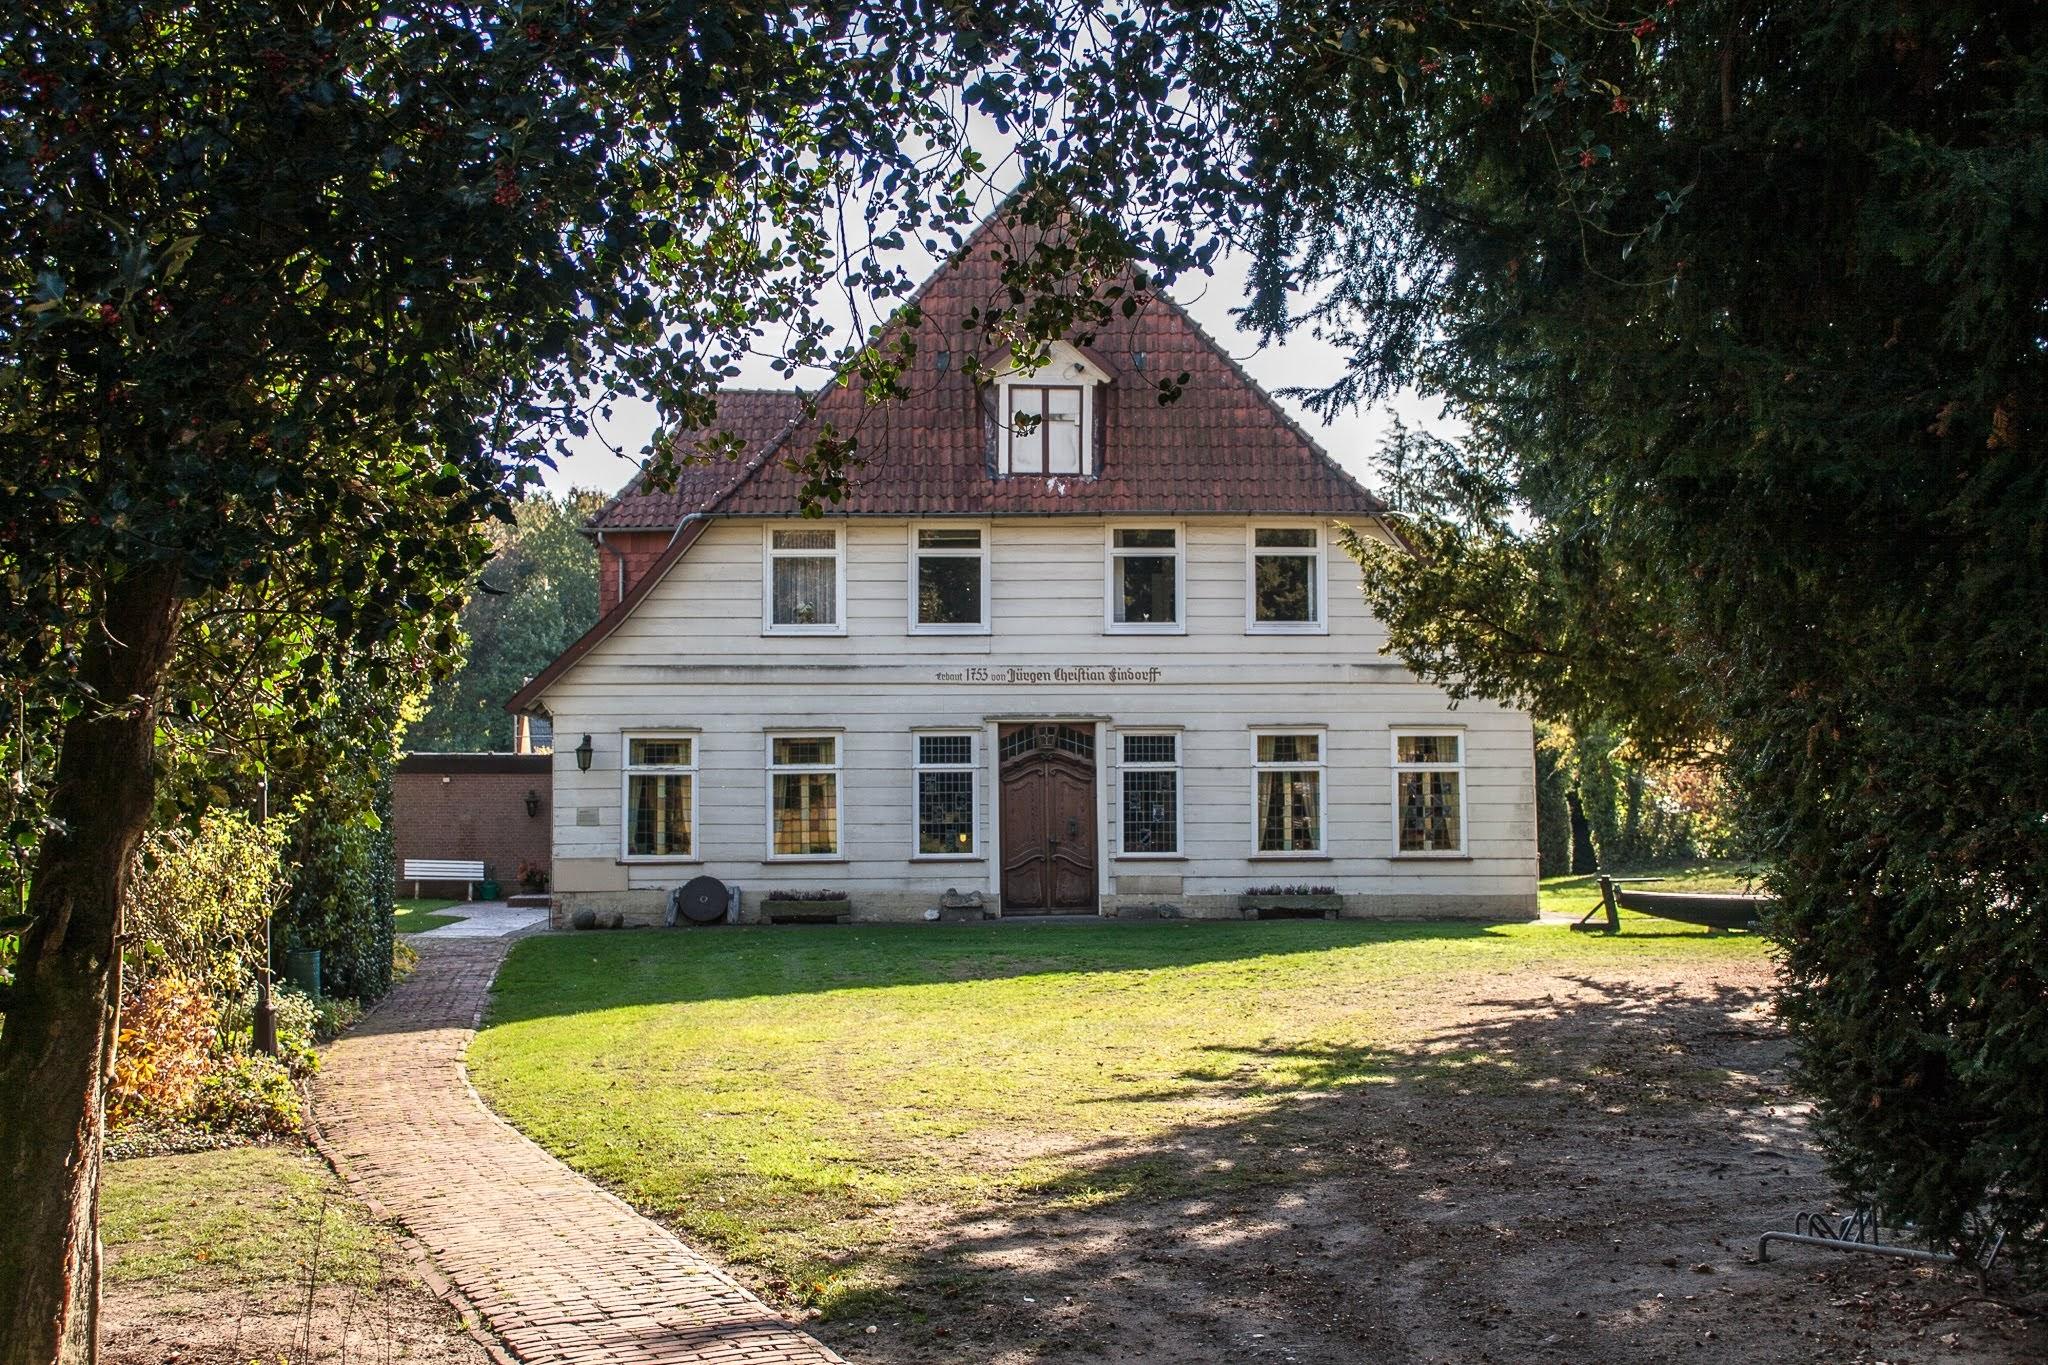 Findorffhaus in Osterholz-Scharmbeck